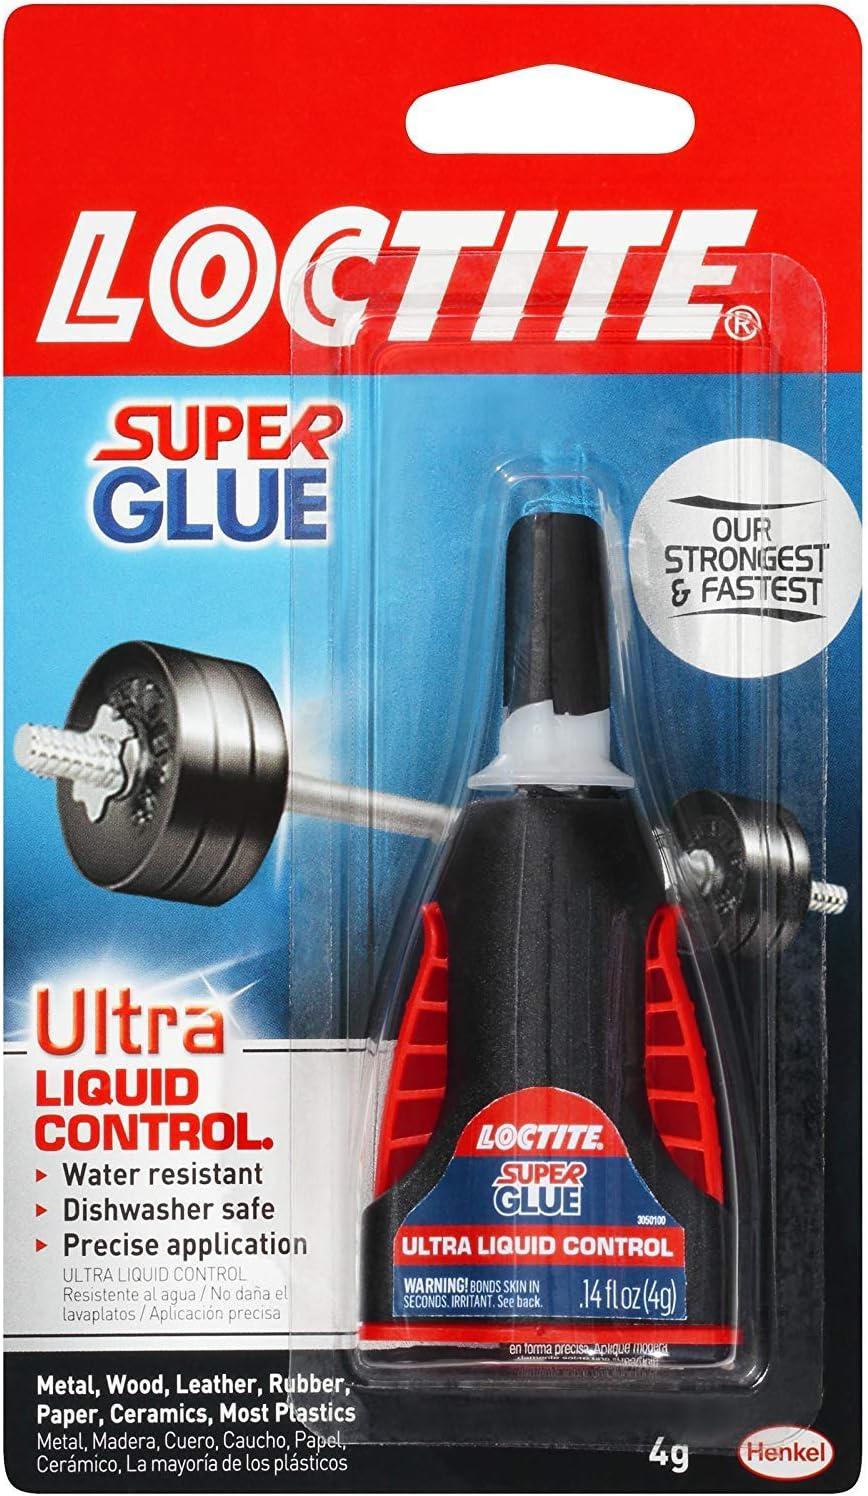 Loctite Super Glue, Ultra Liquid Control 0.14 oz (Packs of 6)